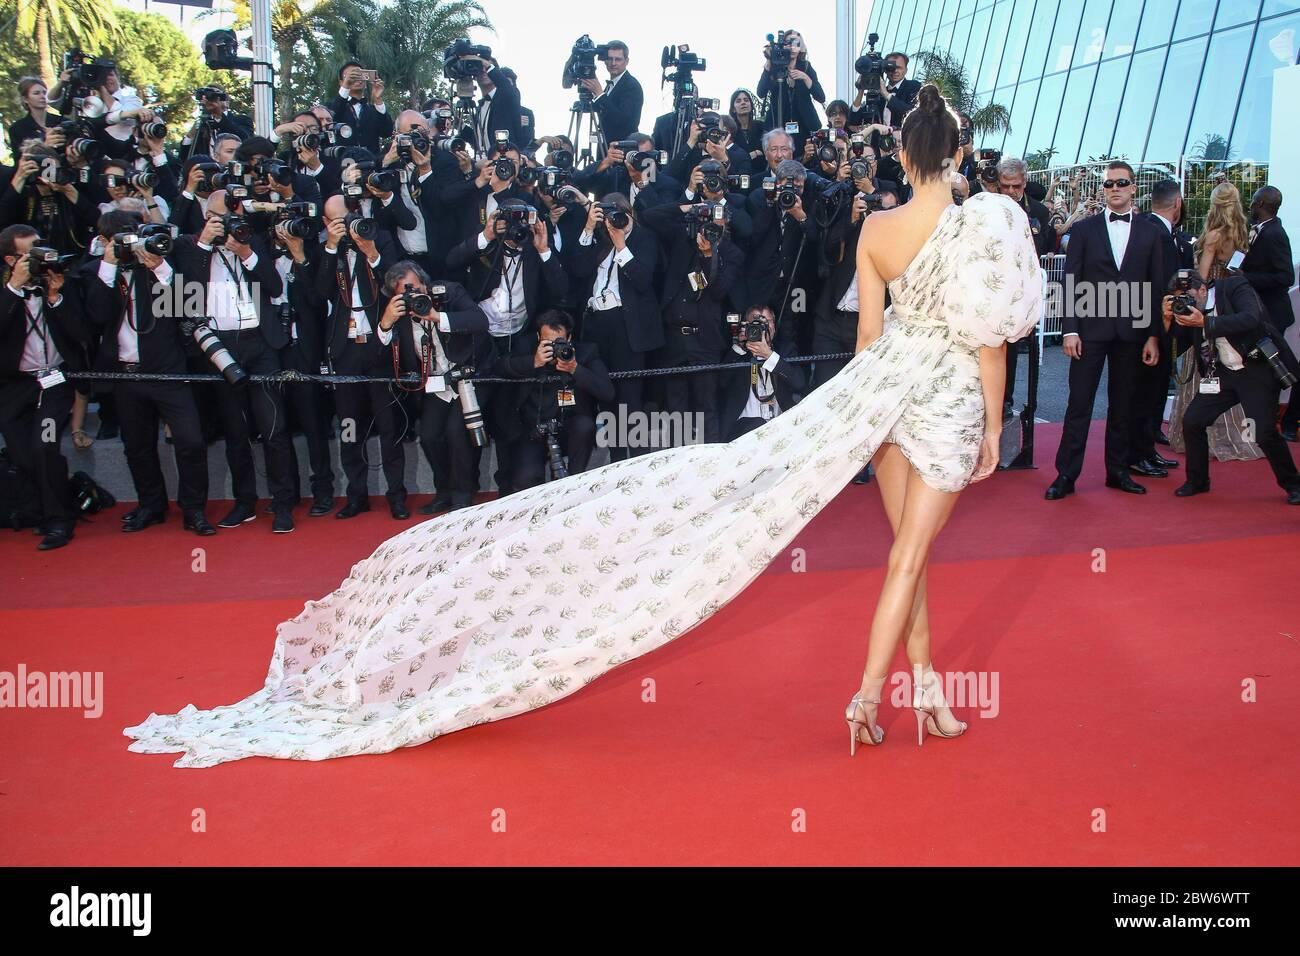 Kendall Jenner pose sur le tapis rouge à l'occassion de la montée des marches pour le film 120 BATTEMENTS PAR MINUTE pendant le soixante-dixième (70ème) Festival du Film à Cannes, Palais des Festivals et des Congres, Cannes, Sud de la France, samedi 20 mai 2017. Philippe FARJON / AGENZIA di Stampa VISIVA Foto Stock